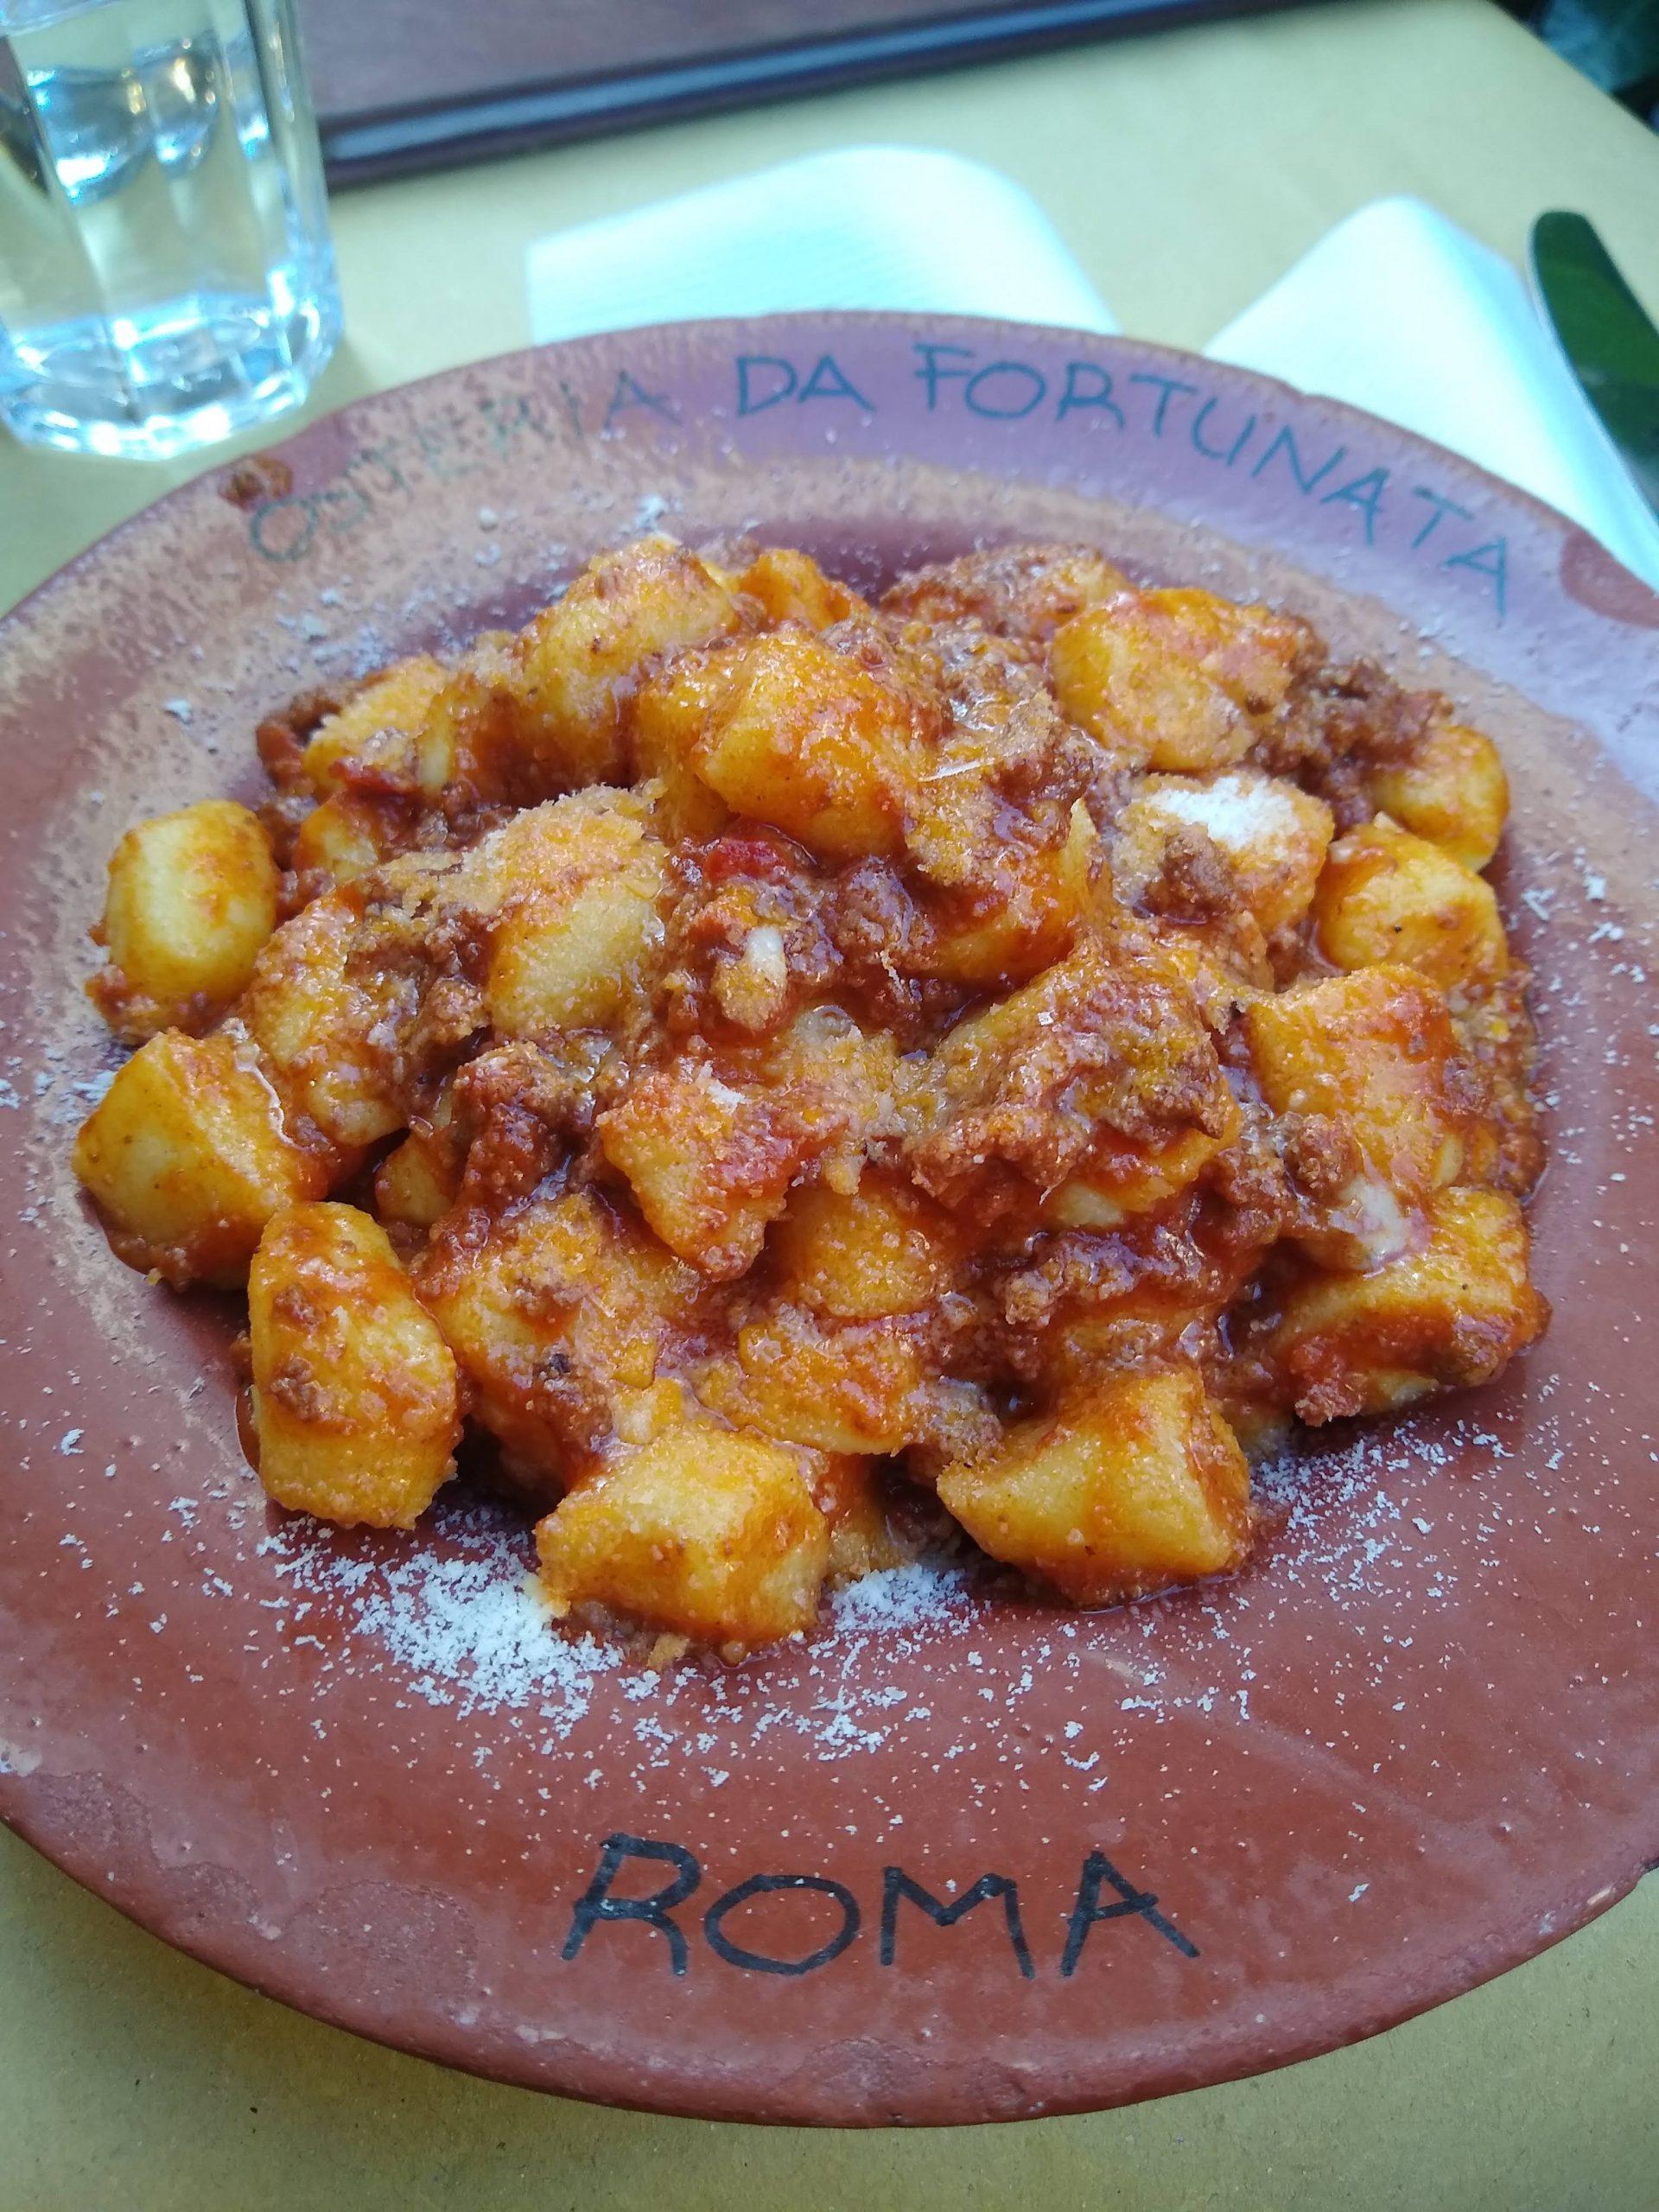 Gnocchi in Italy